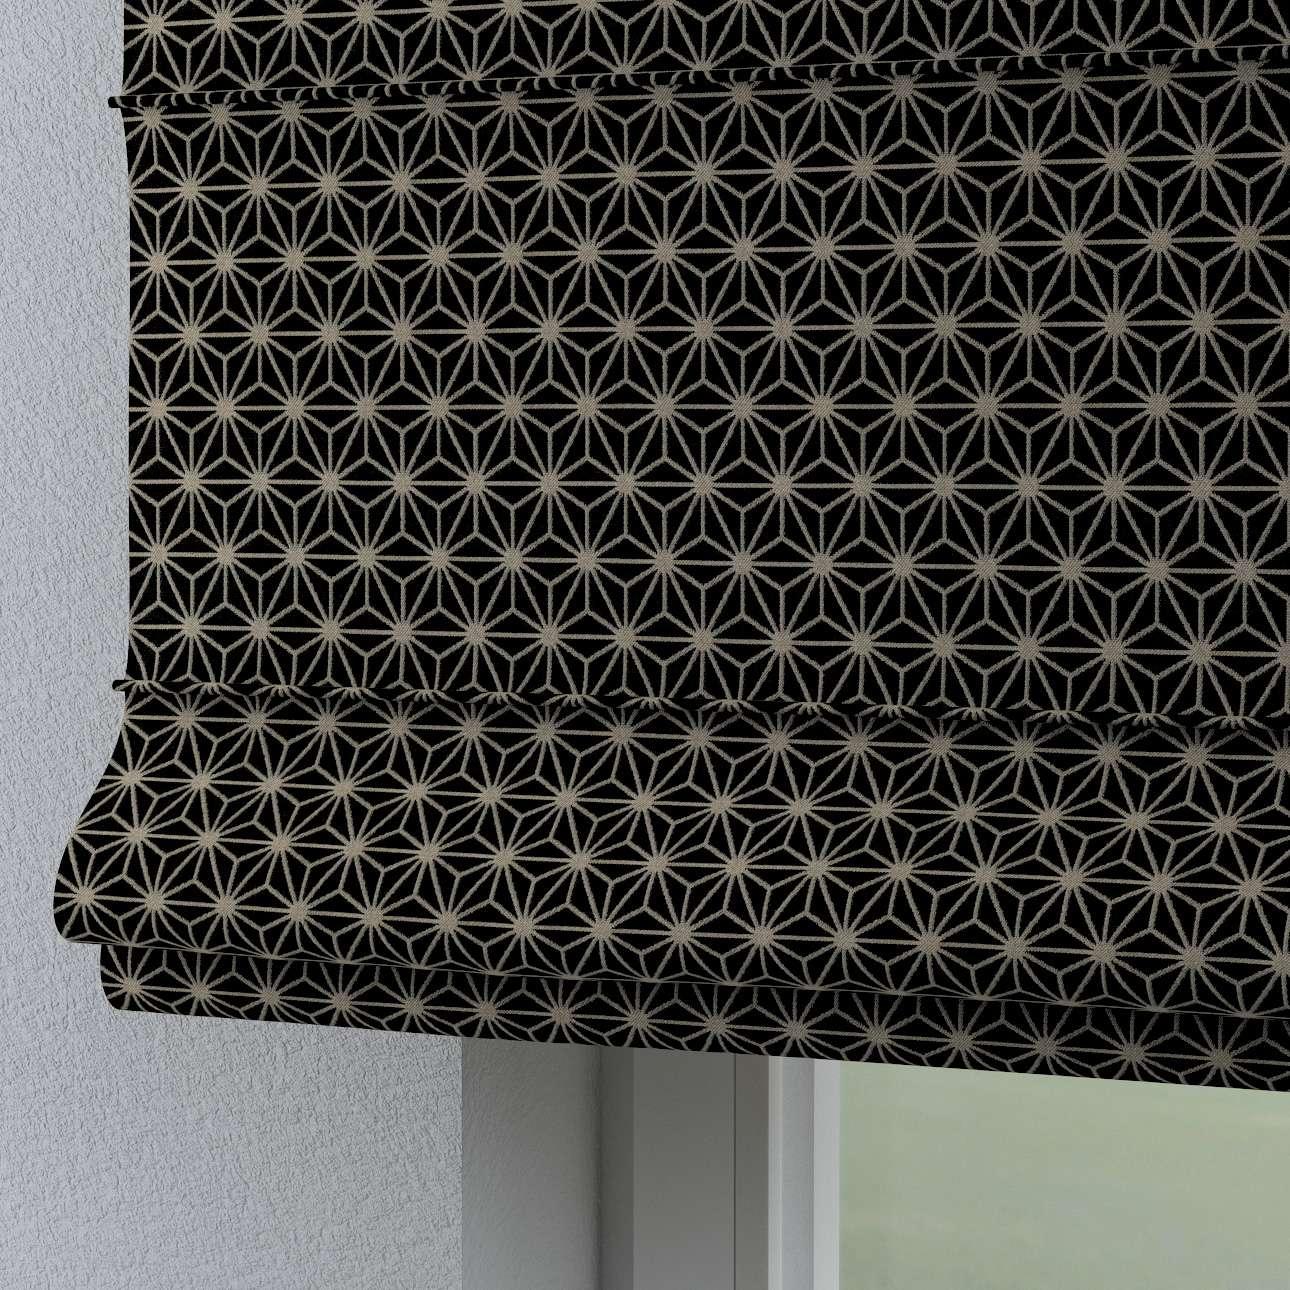 Rímska roleta Torino V kolekcii Black & White, tkanina: 142-56